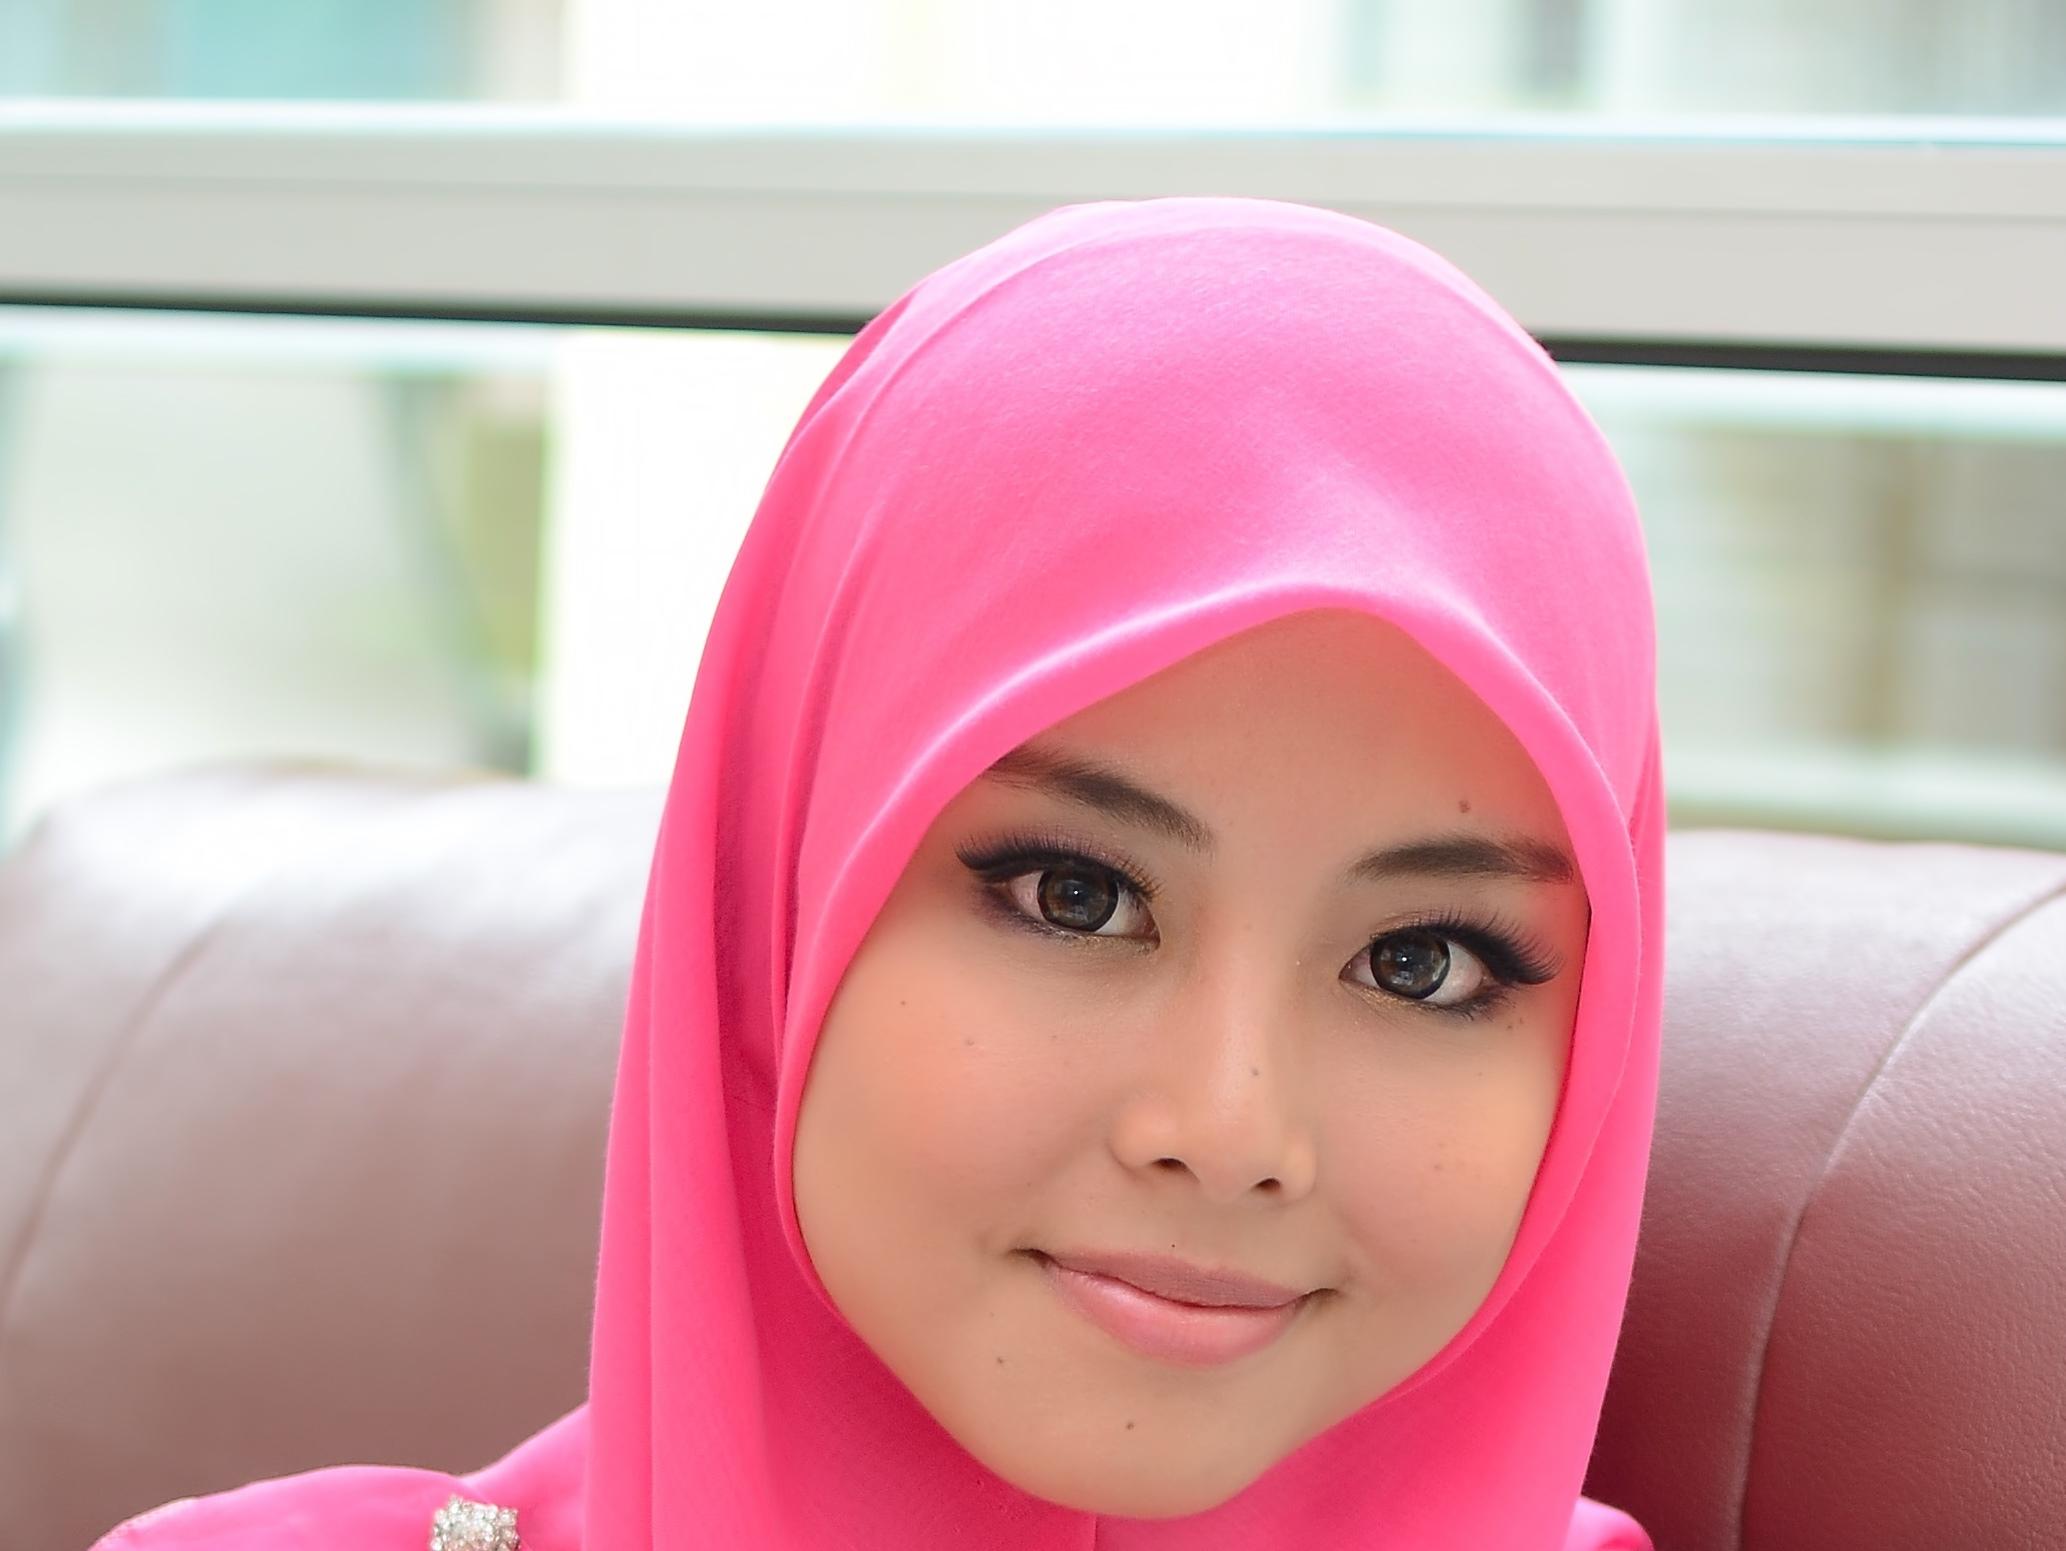 acf1dce2e دليلك الكامل لربطة حجاب تناسبك   مجلة سيدتي